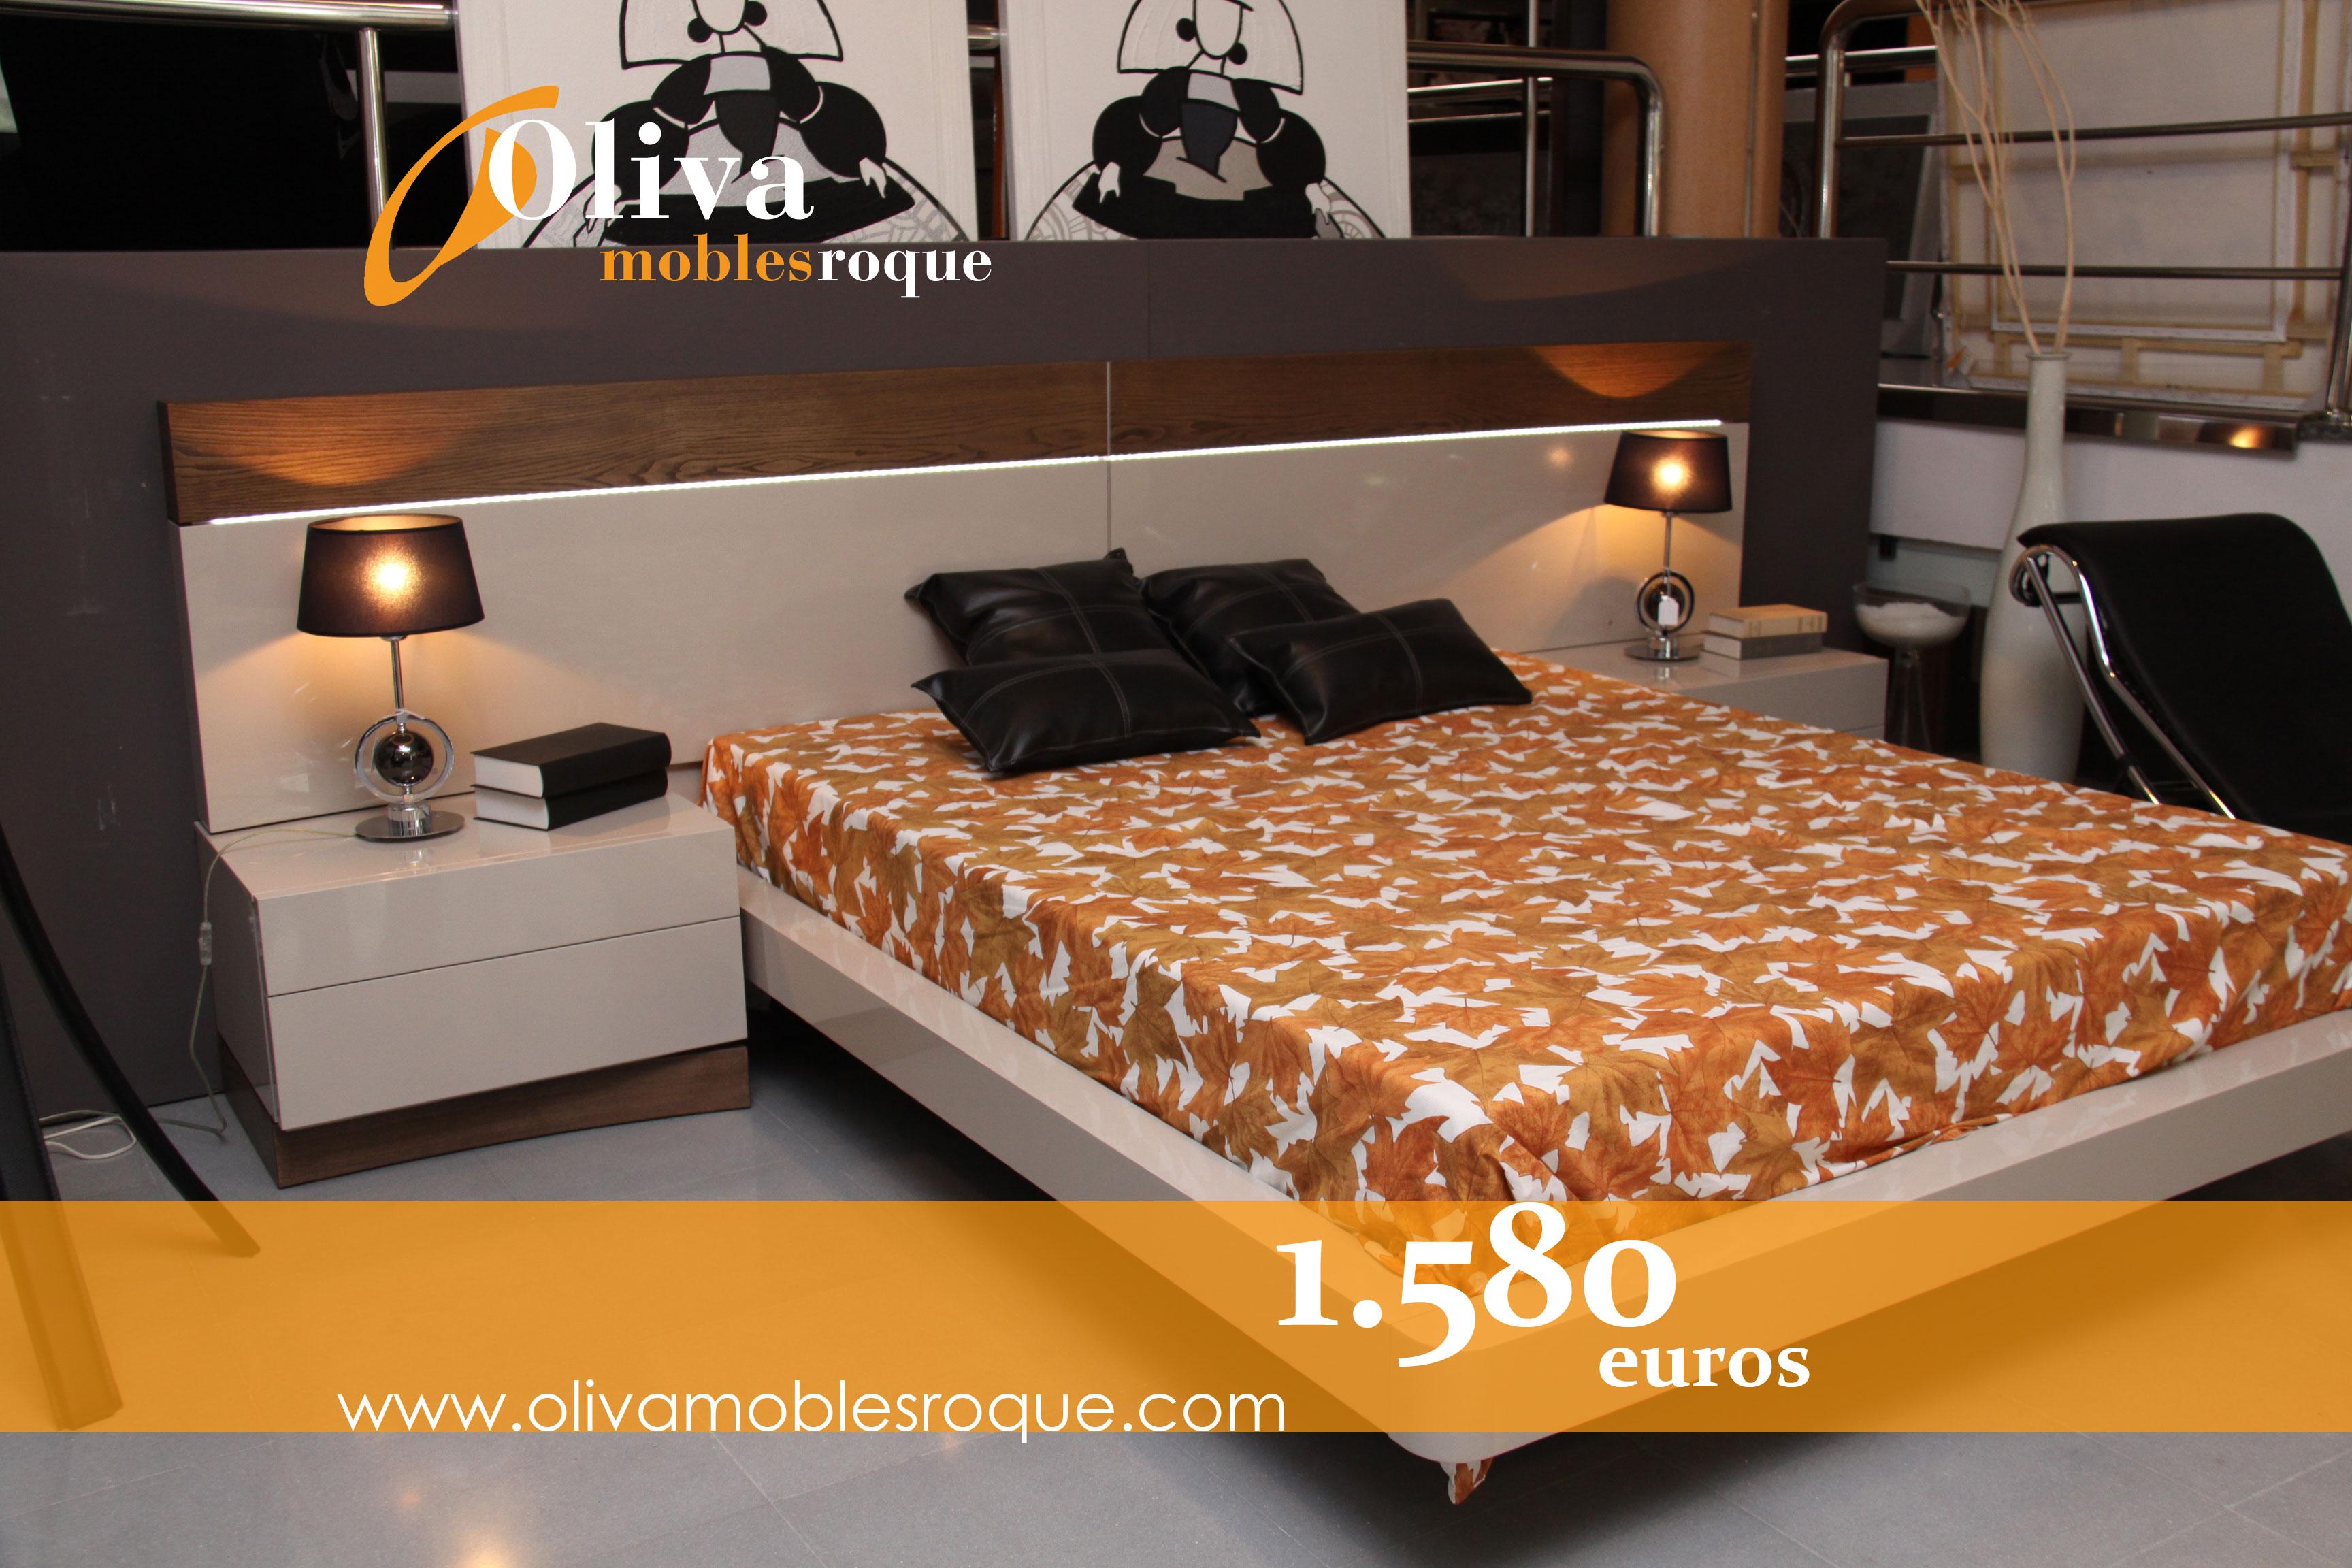 Muebles outlet venta online liquidaci n a precios for Liquidacion muebles valencia